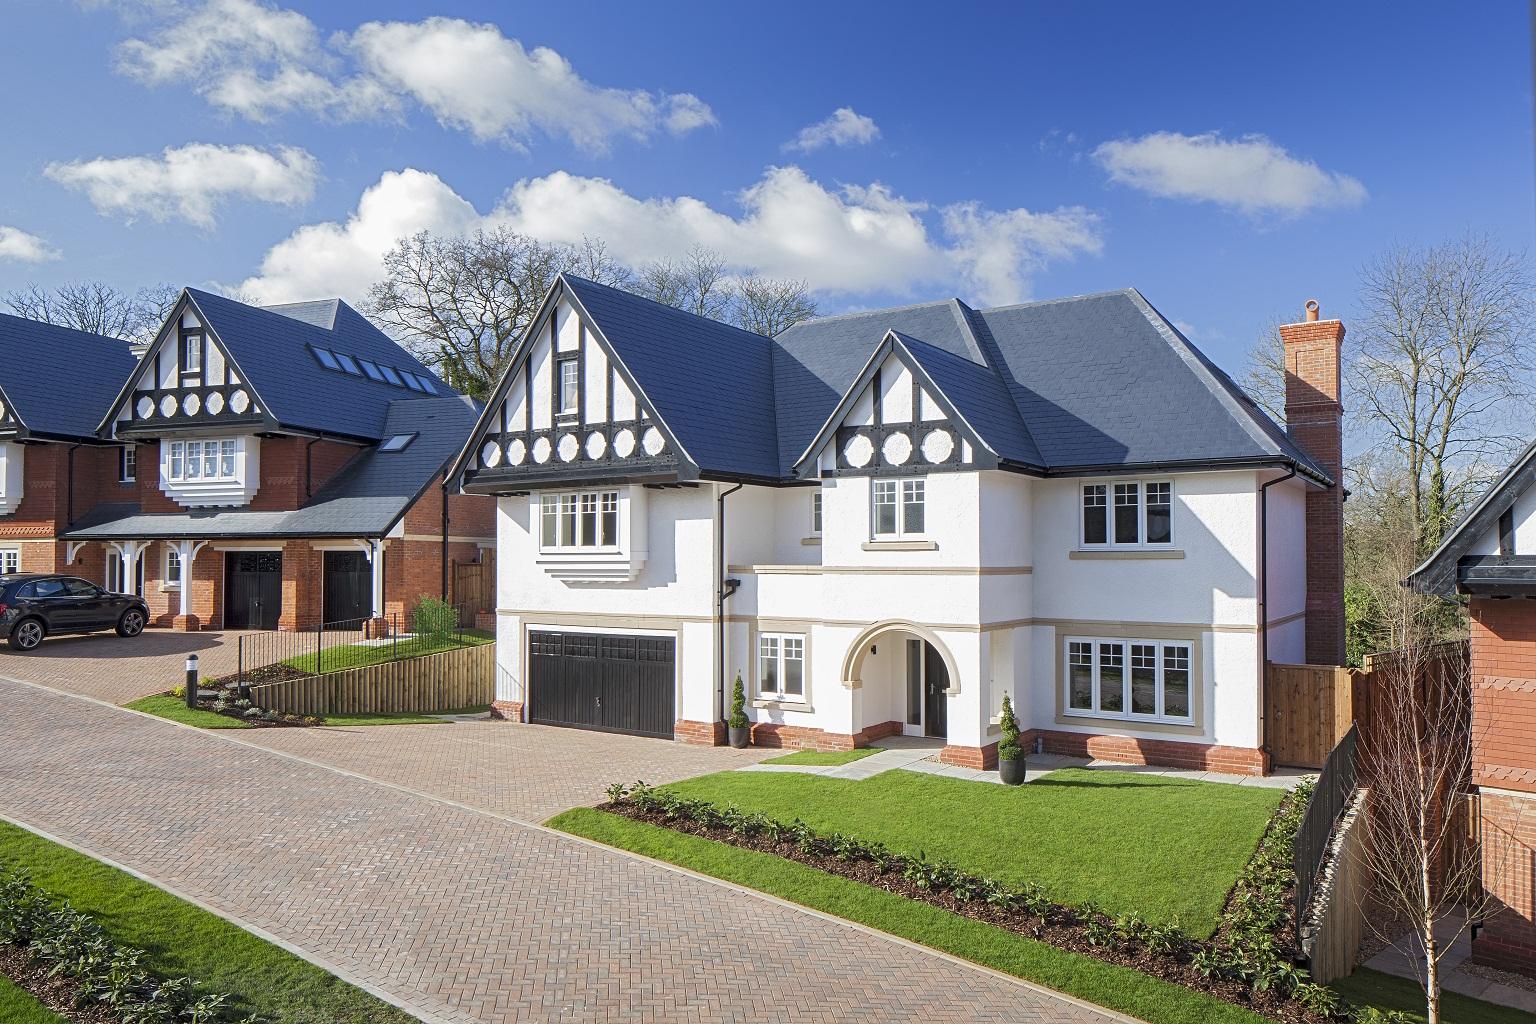 SSQ-Sarria-Egerton-Park-Merry-Hill-Road-Bushey-UK-41